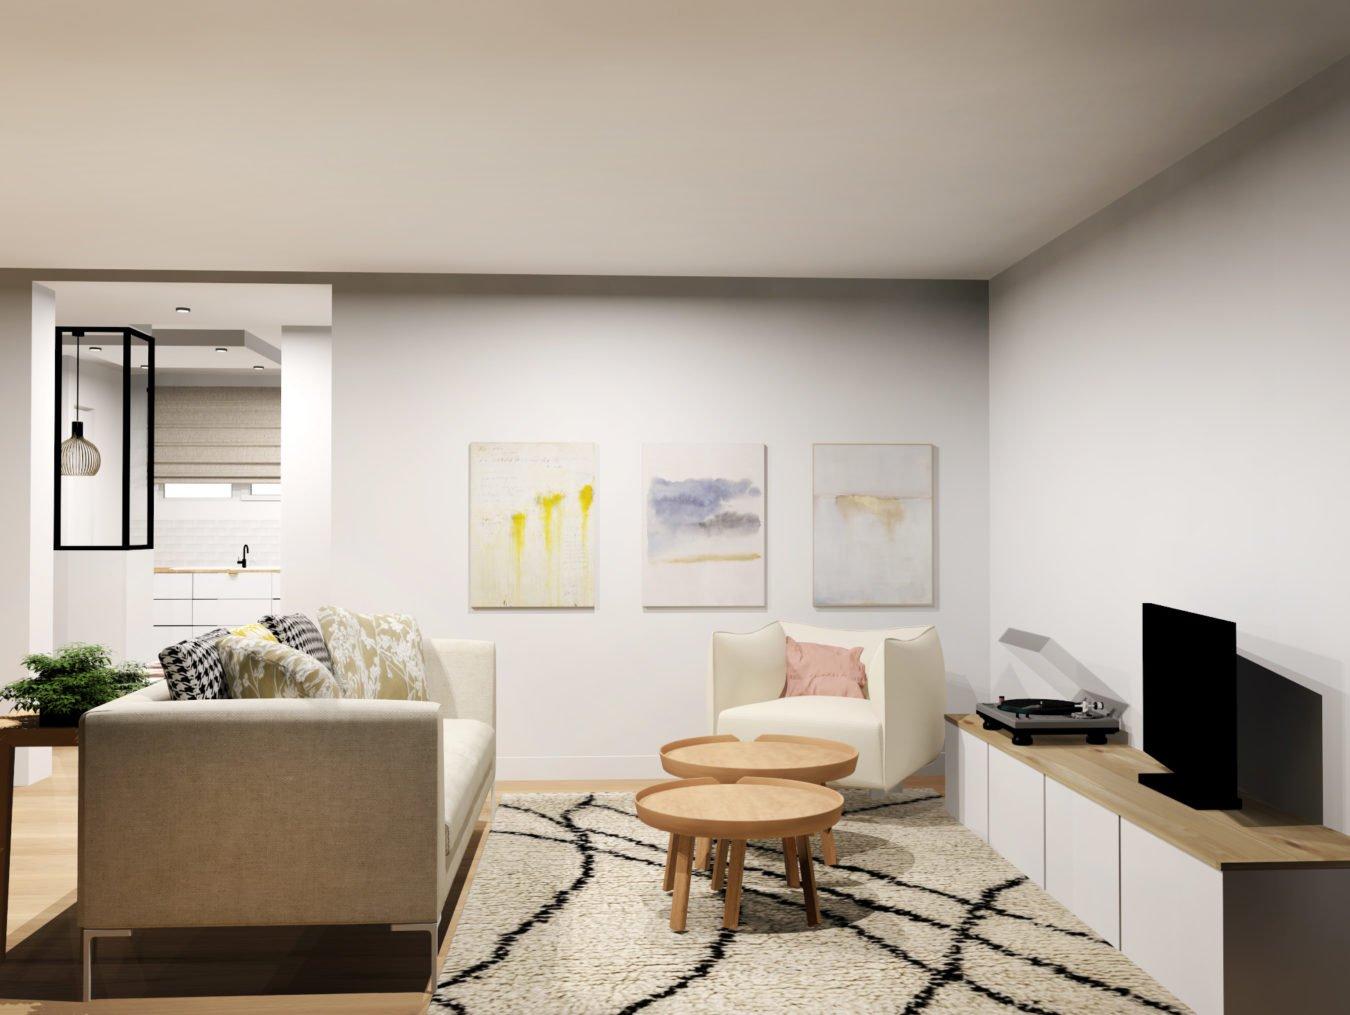 Anouck Charbonnier - Aménagement intérieur du salon pour le projet Henry Bordeaux à Annecy